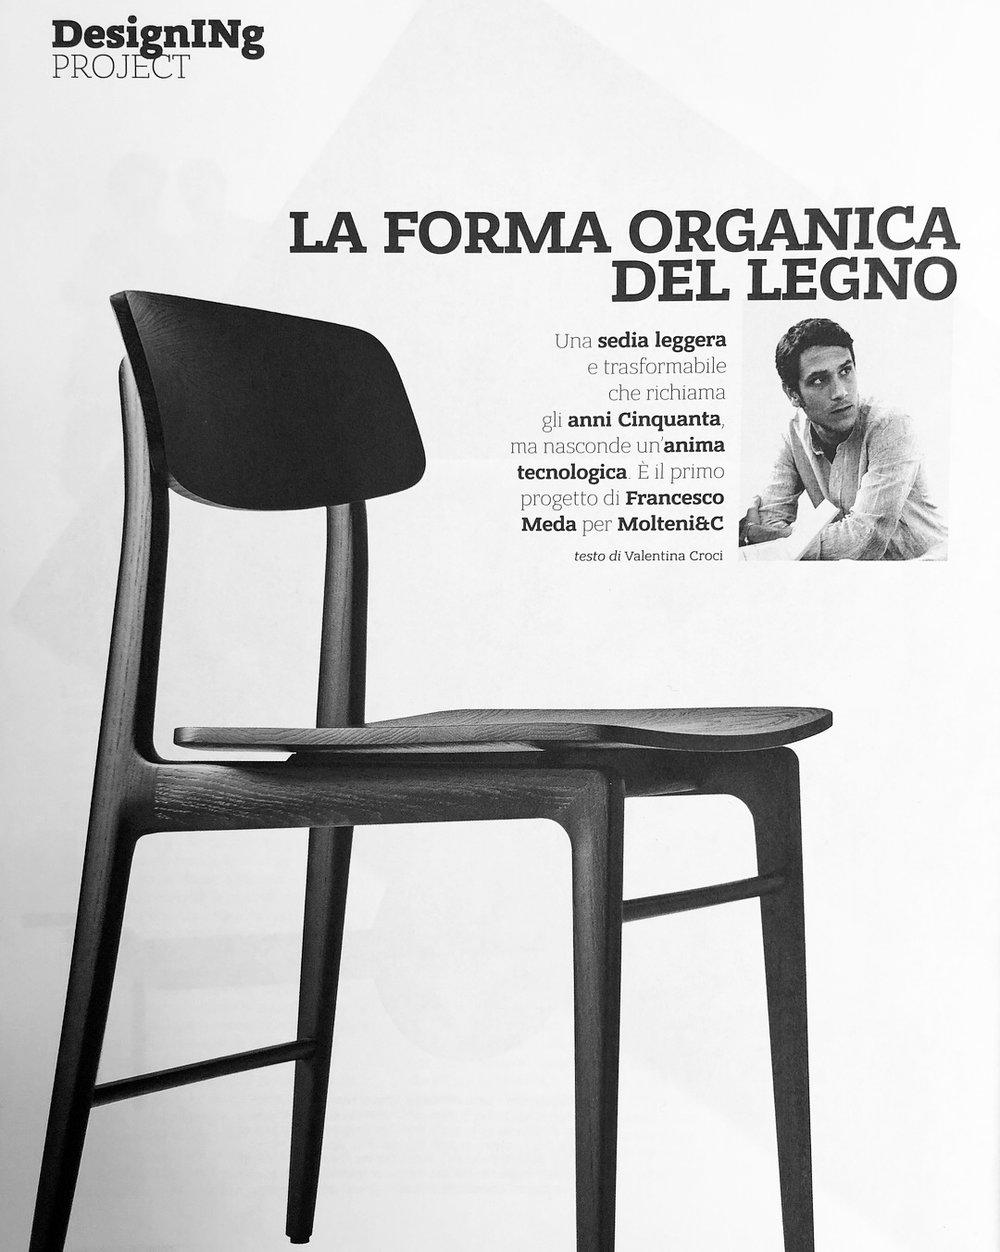 francesco+meda+12.jpg